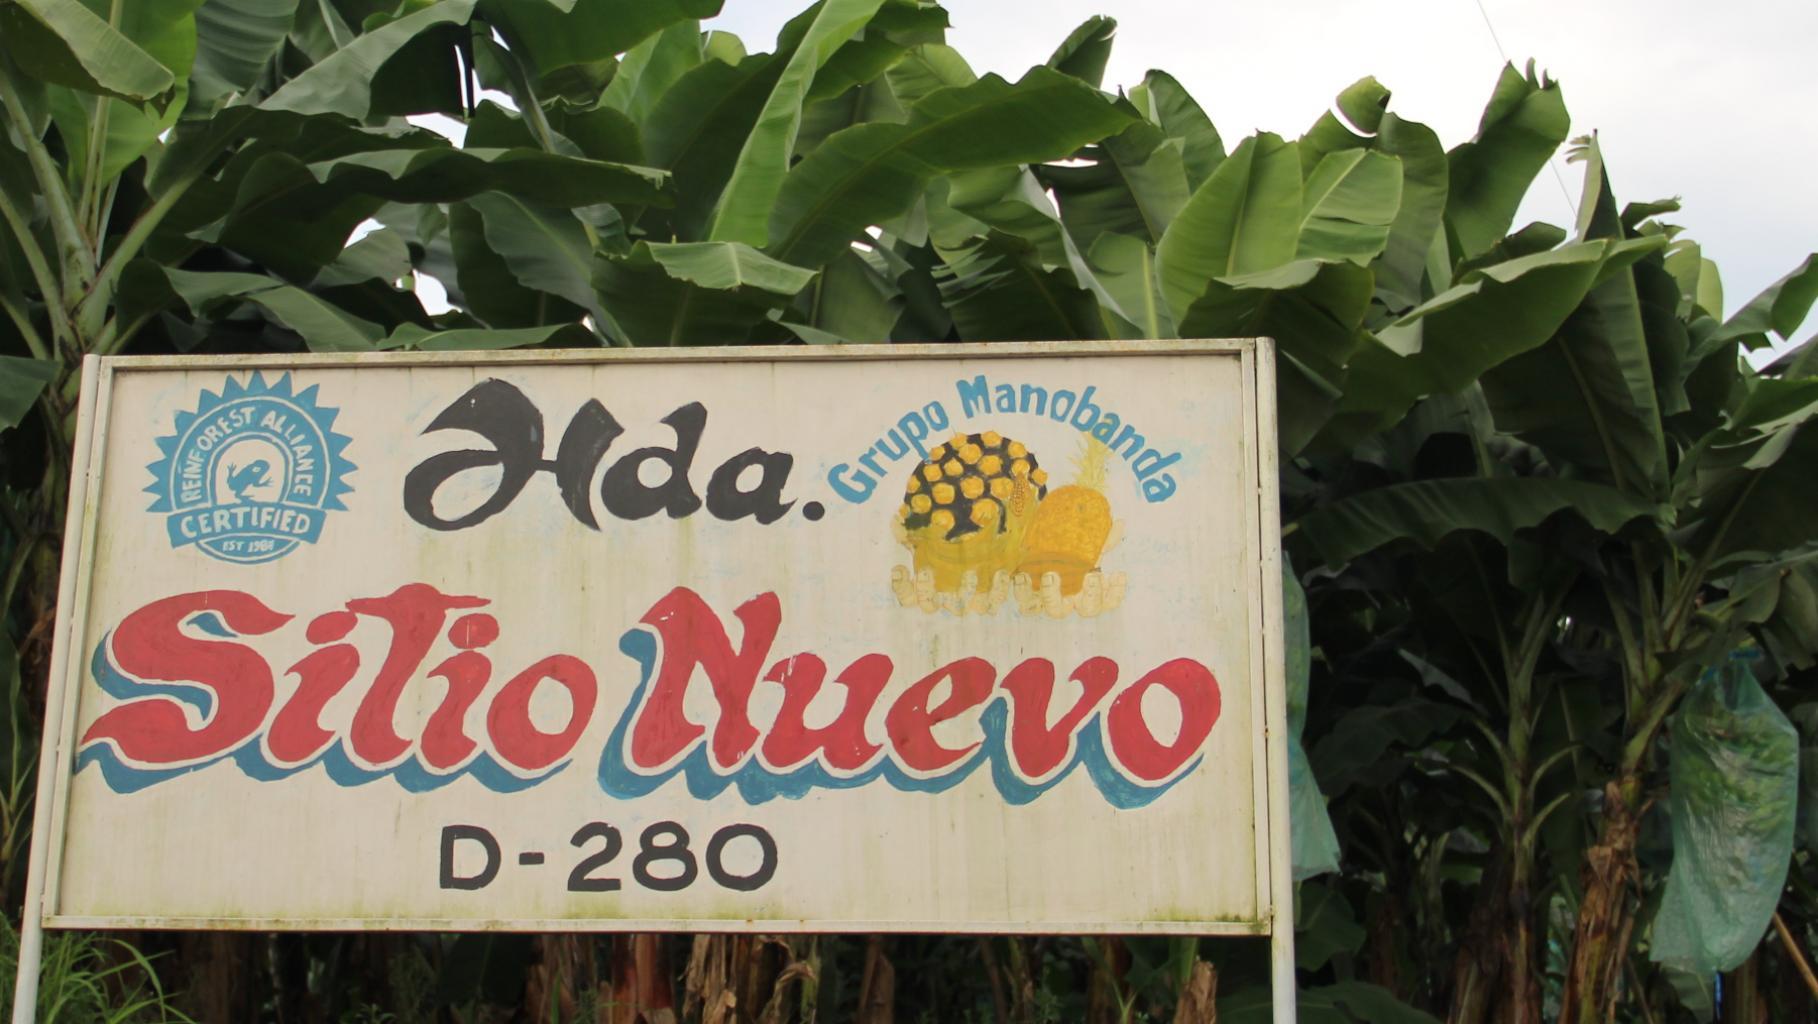 """Ein Schild mit der Aufschrift """"Hda. Sitio Nuevo, D-280, Grupo Manobanda"""" und dem Rainforest-Alliance-Siegel"""